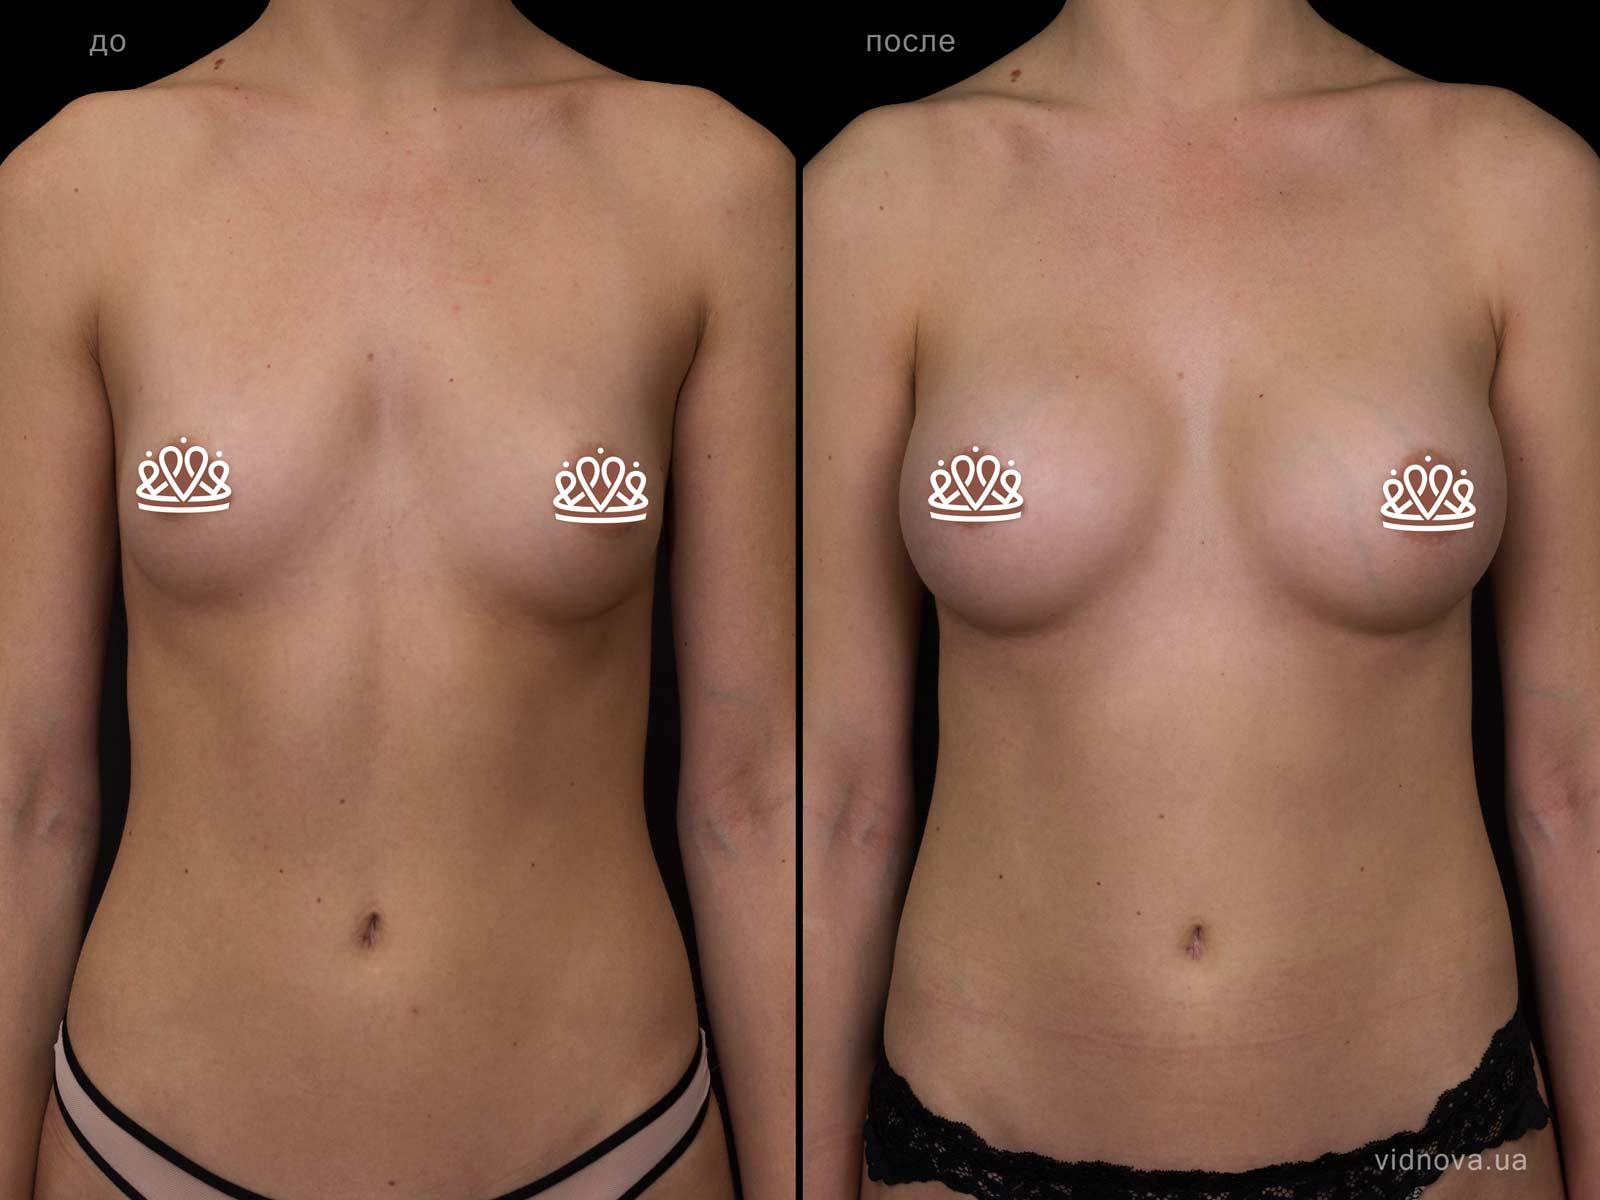 Пластика груди: результаты до и после - Пример №110-0 - Светлана Работенко